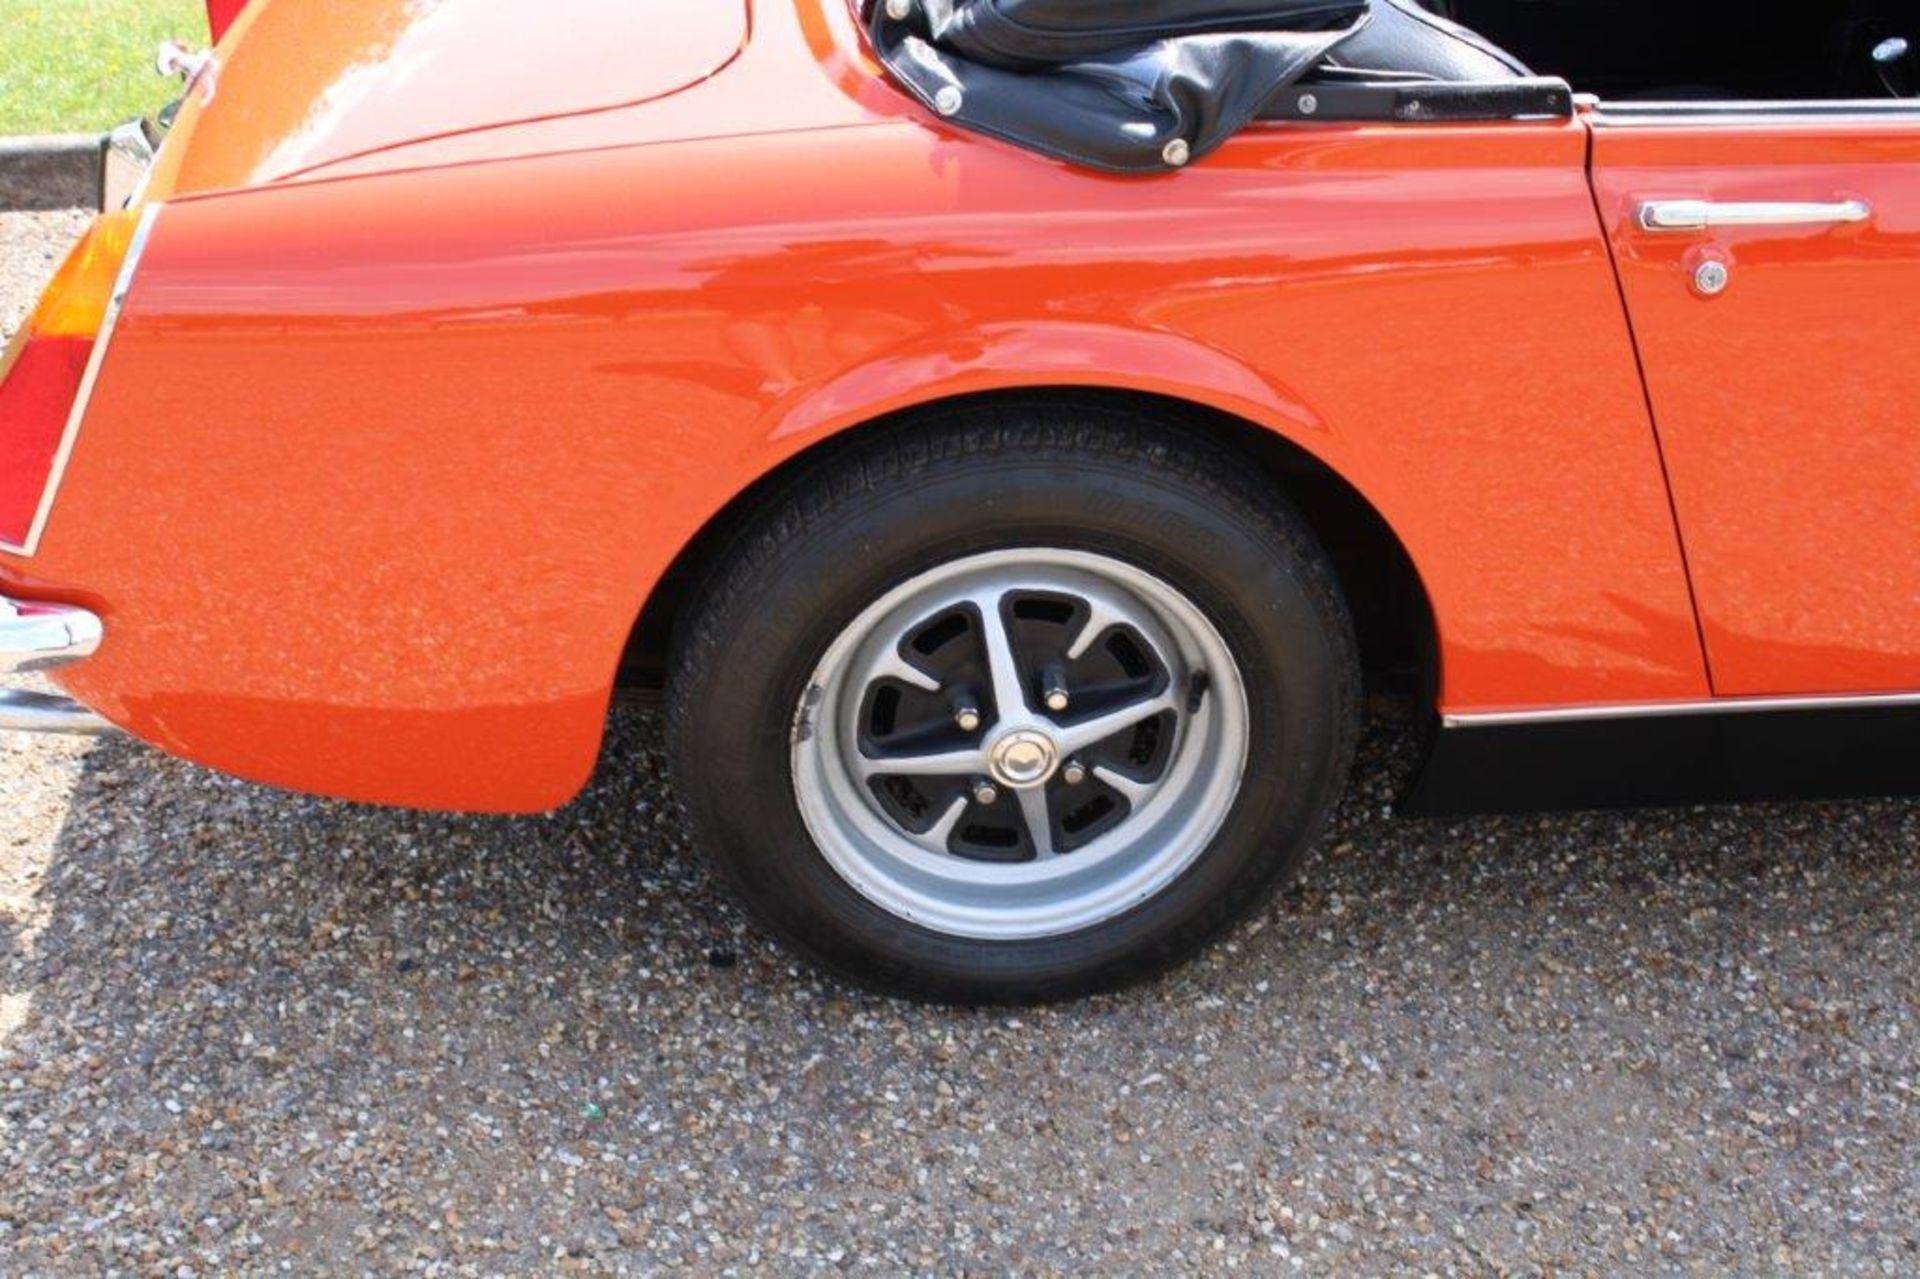 1974 MG Midget MK III - Image 9 of 30